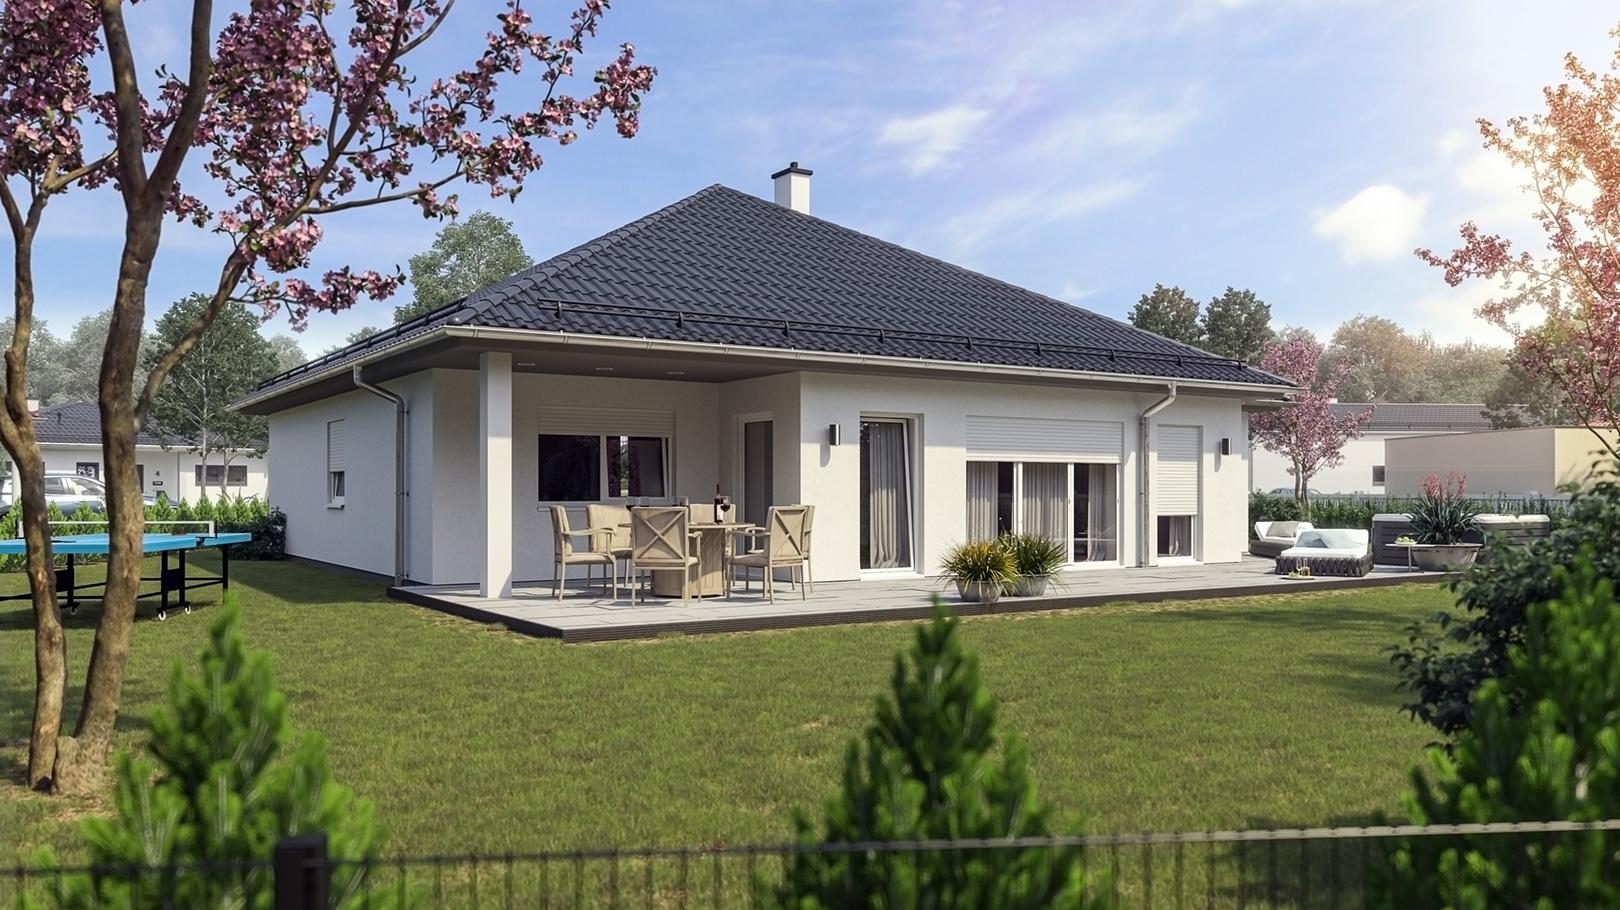 Haus-Idee Bad Neustadt